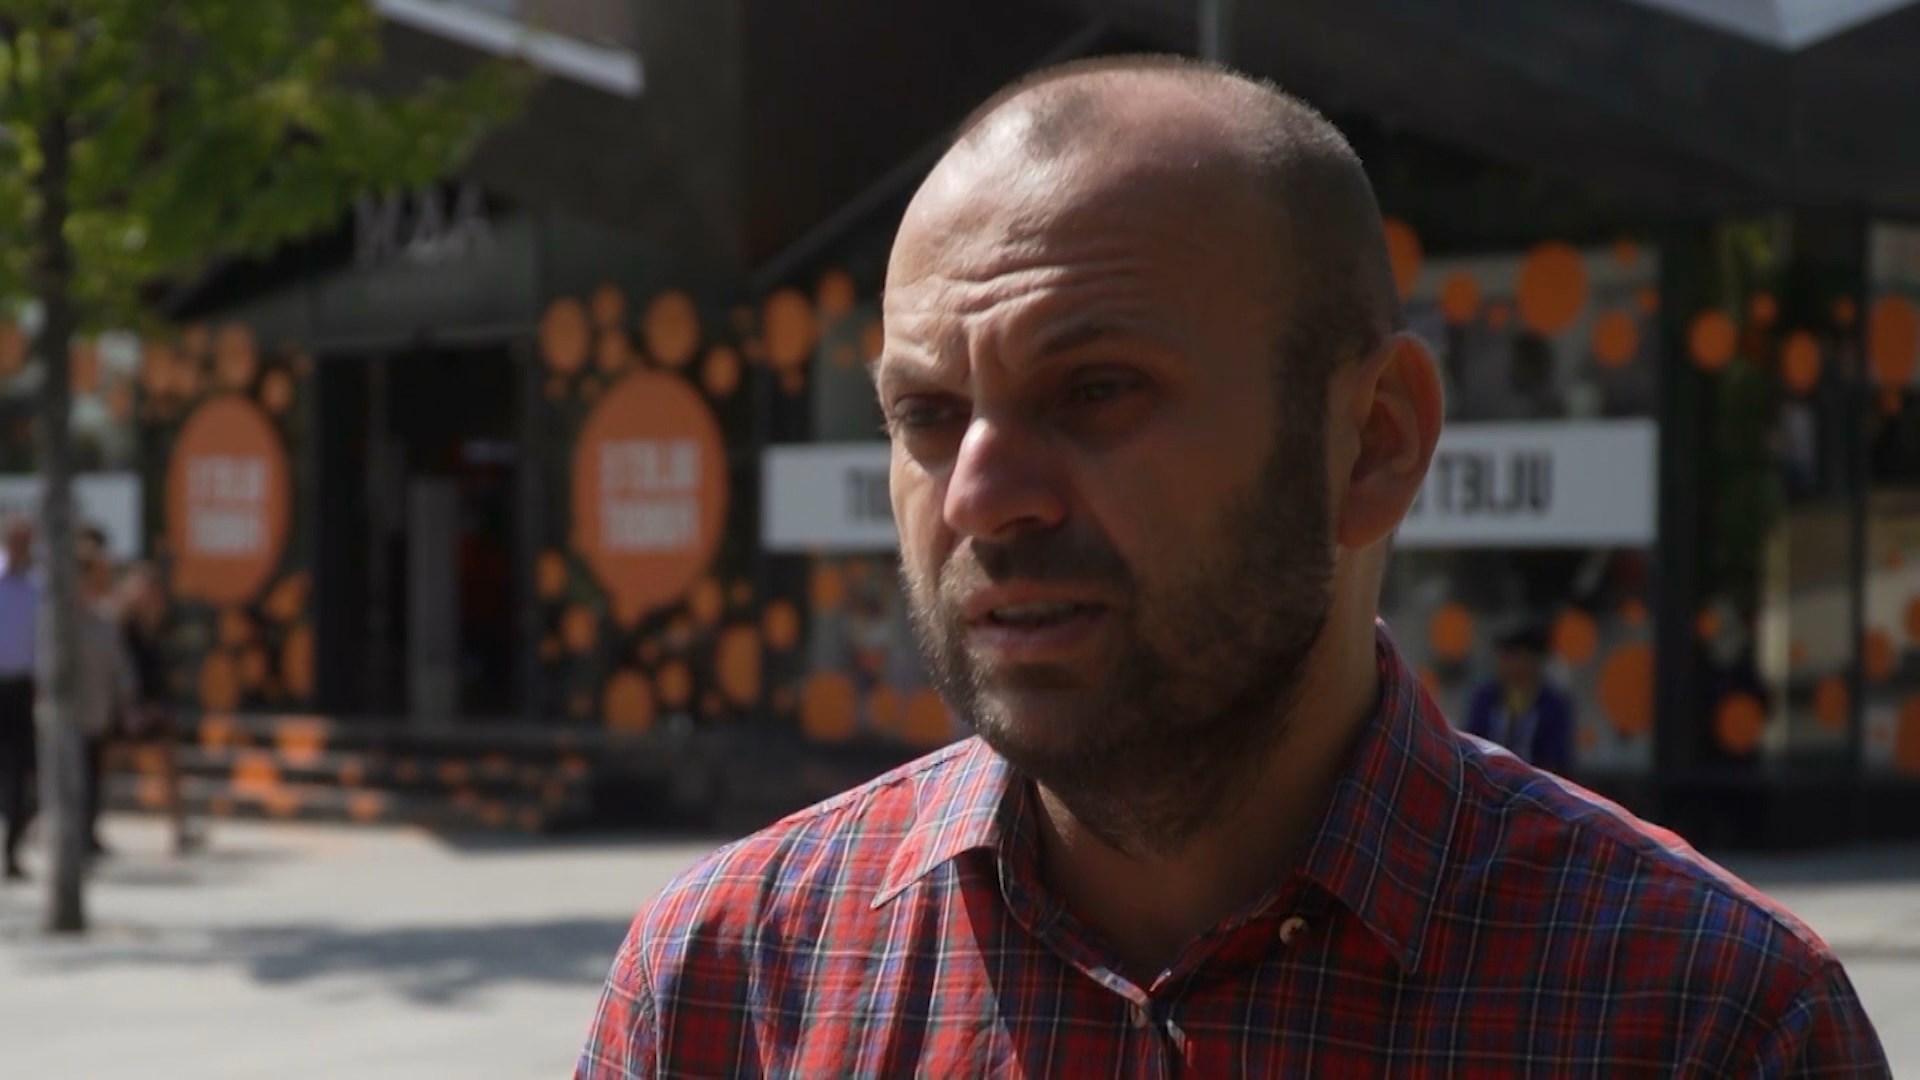 Analistët në Kosovë: Vizitat e zyrtarëve ndërkombëtarë, sinjal i mirë